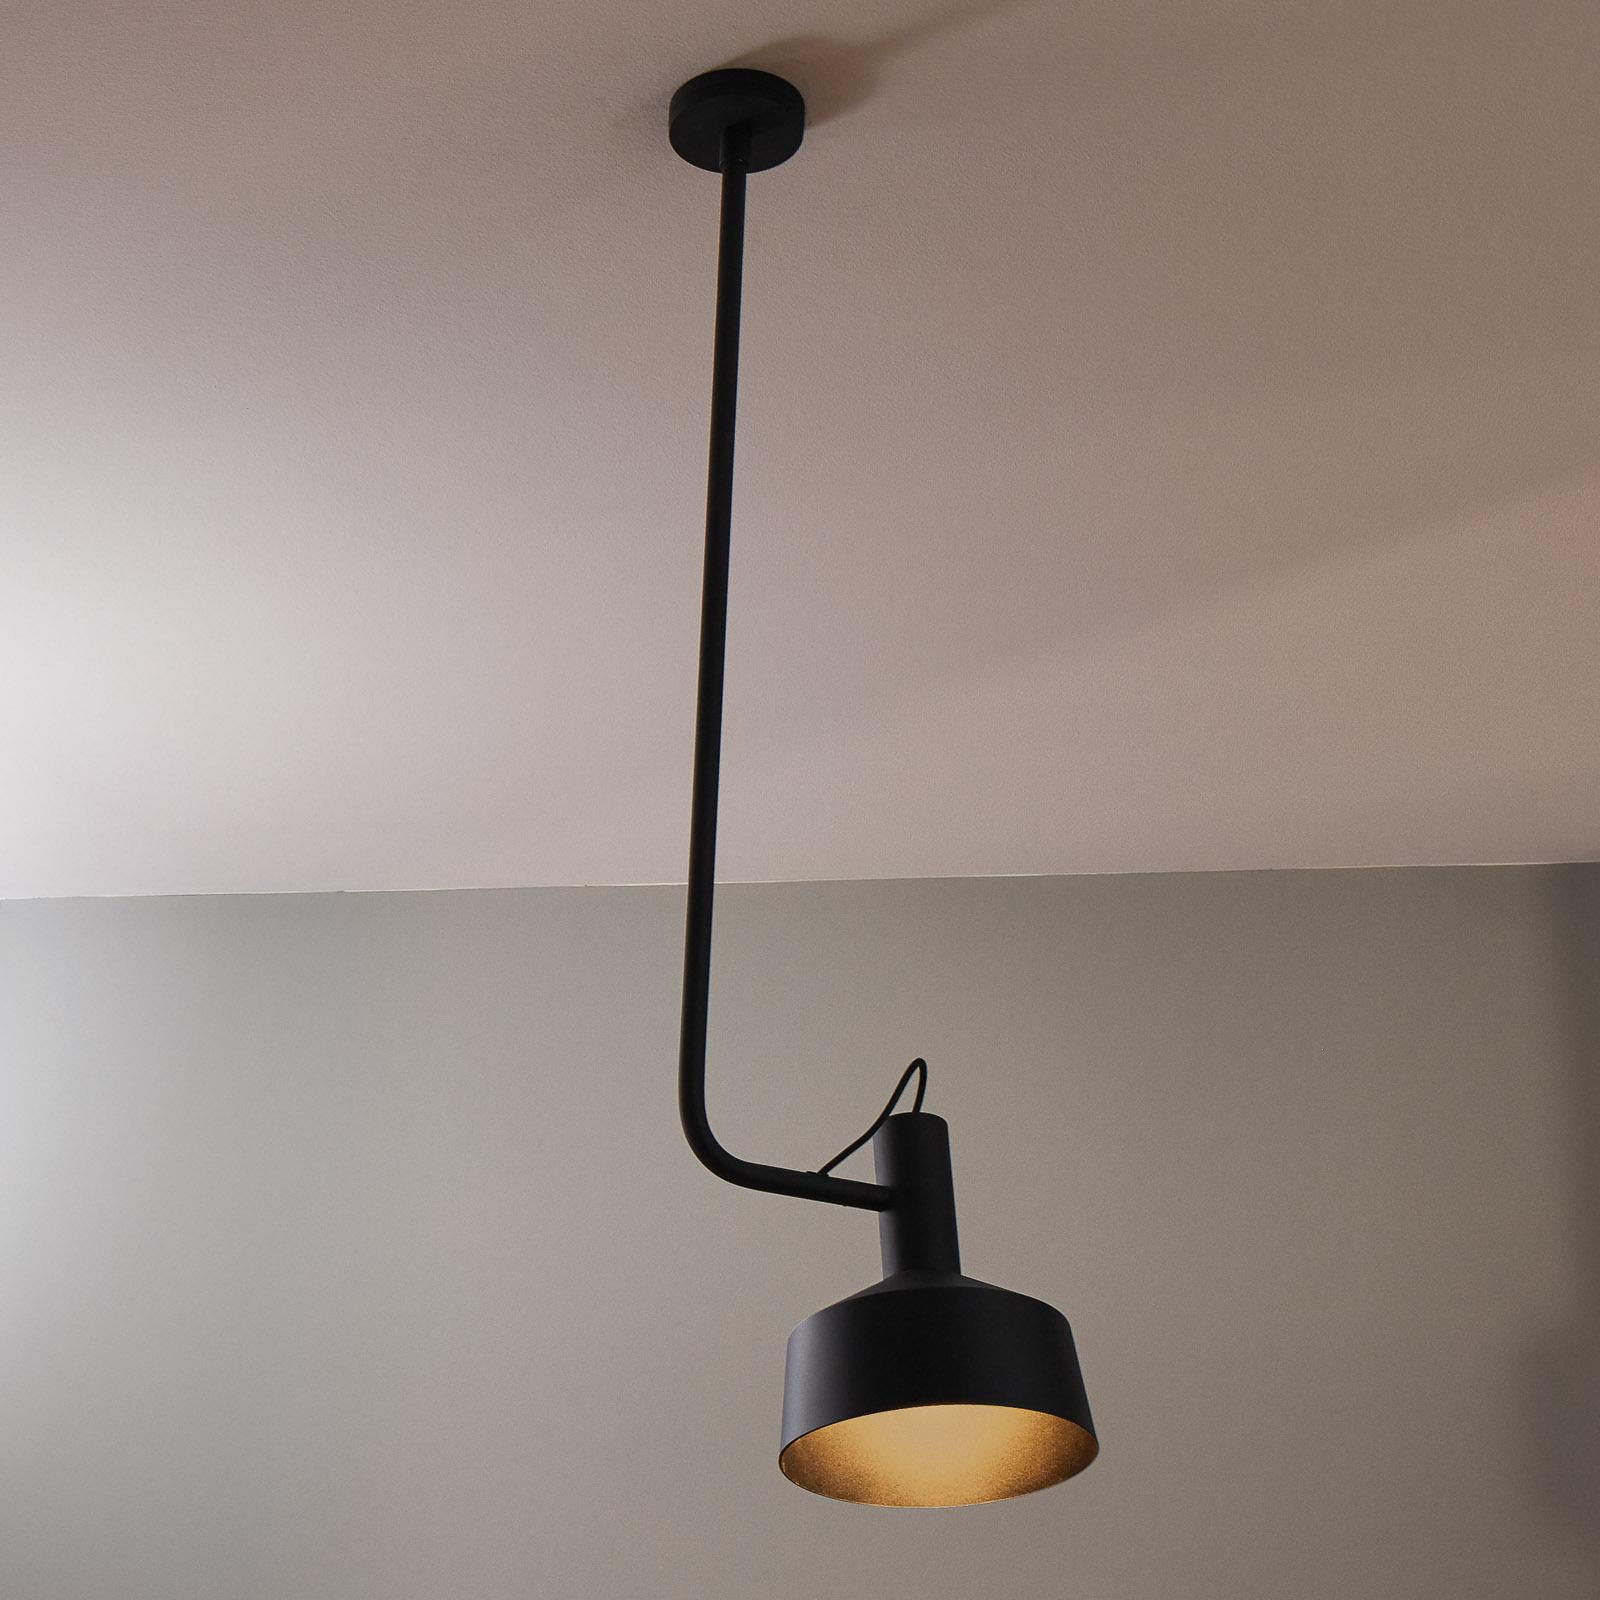 WEVER & DUCRÉ Roomor hængelampe 1 lk. 25 cm sort